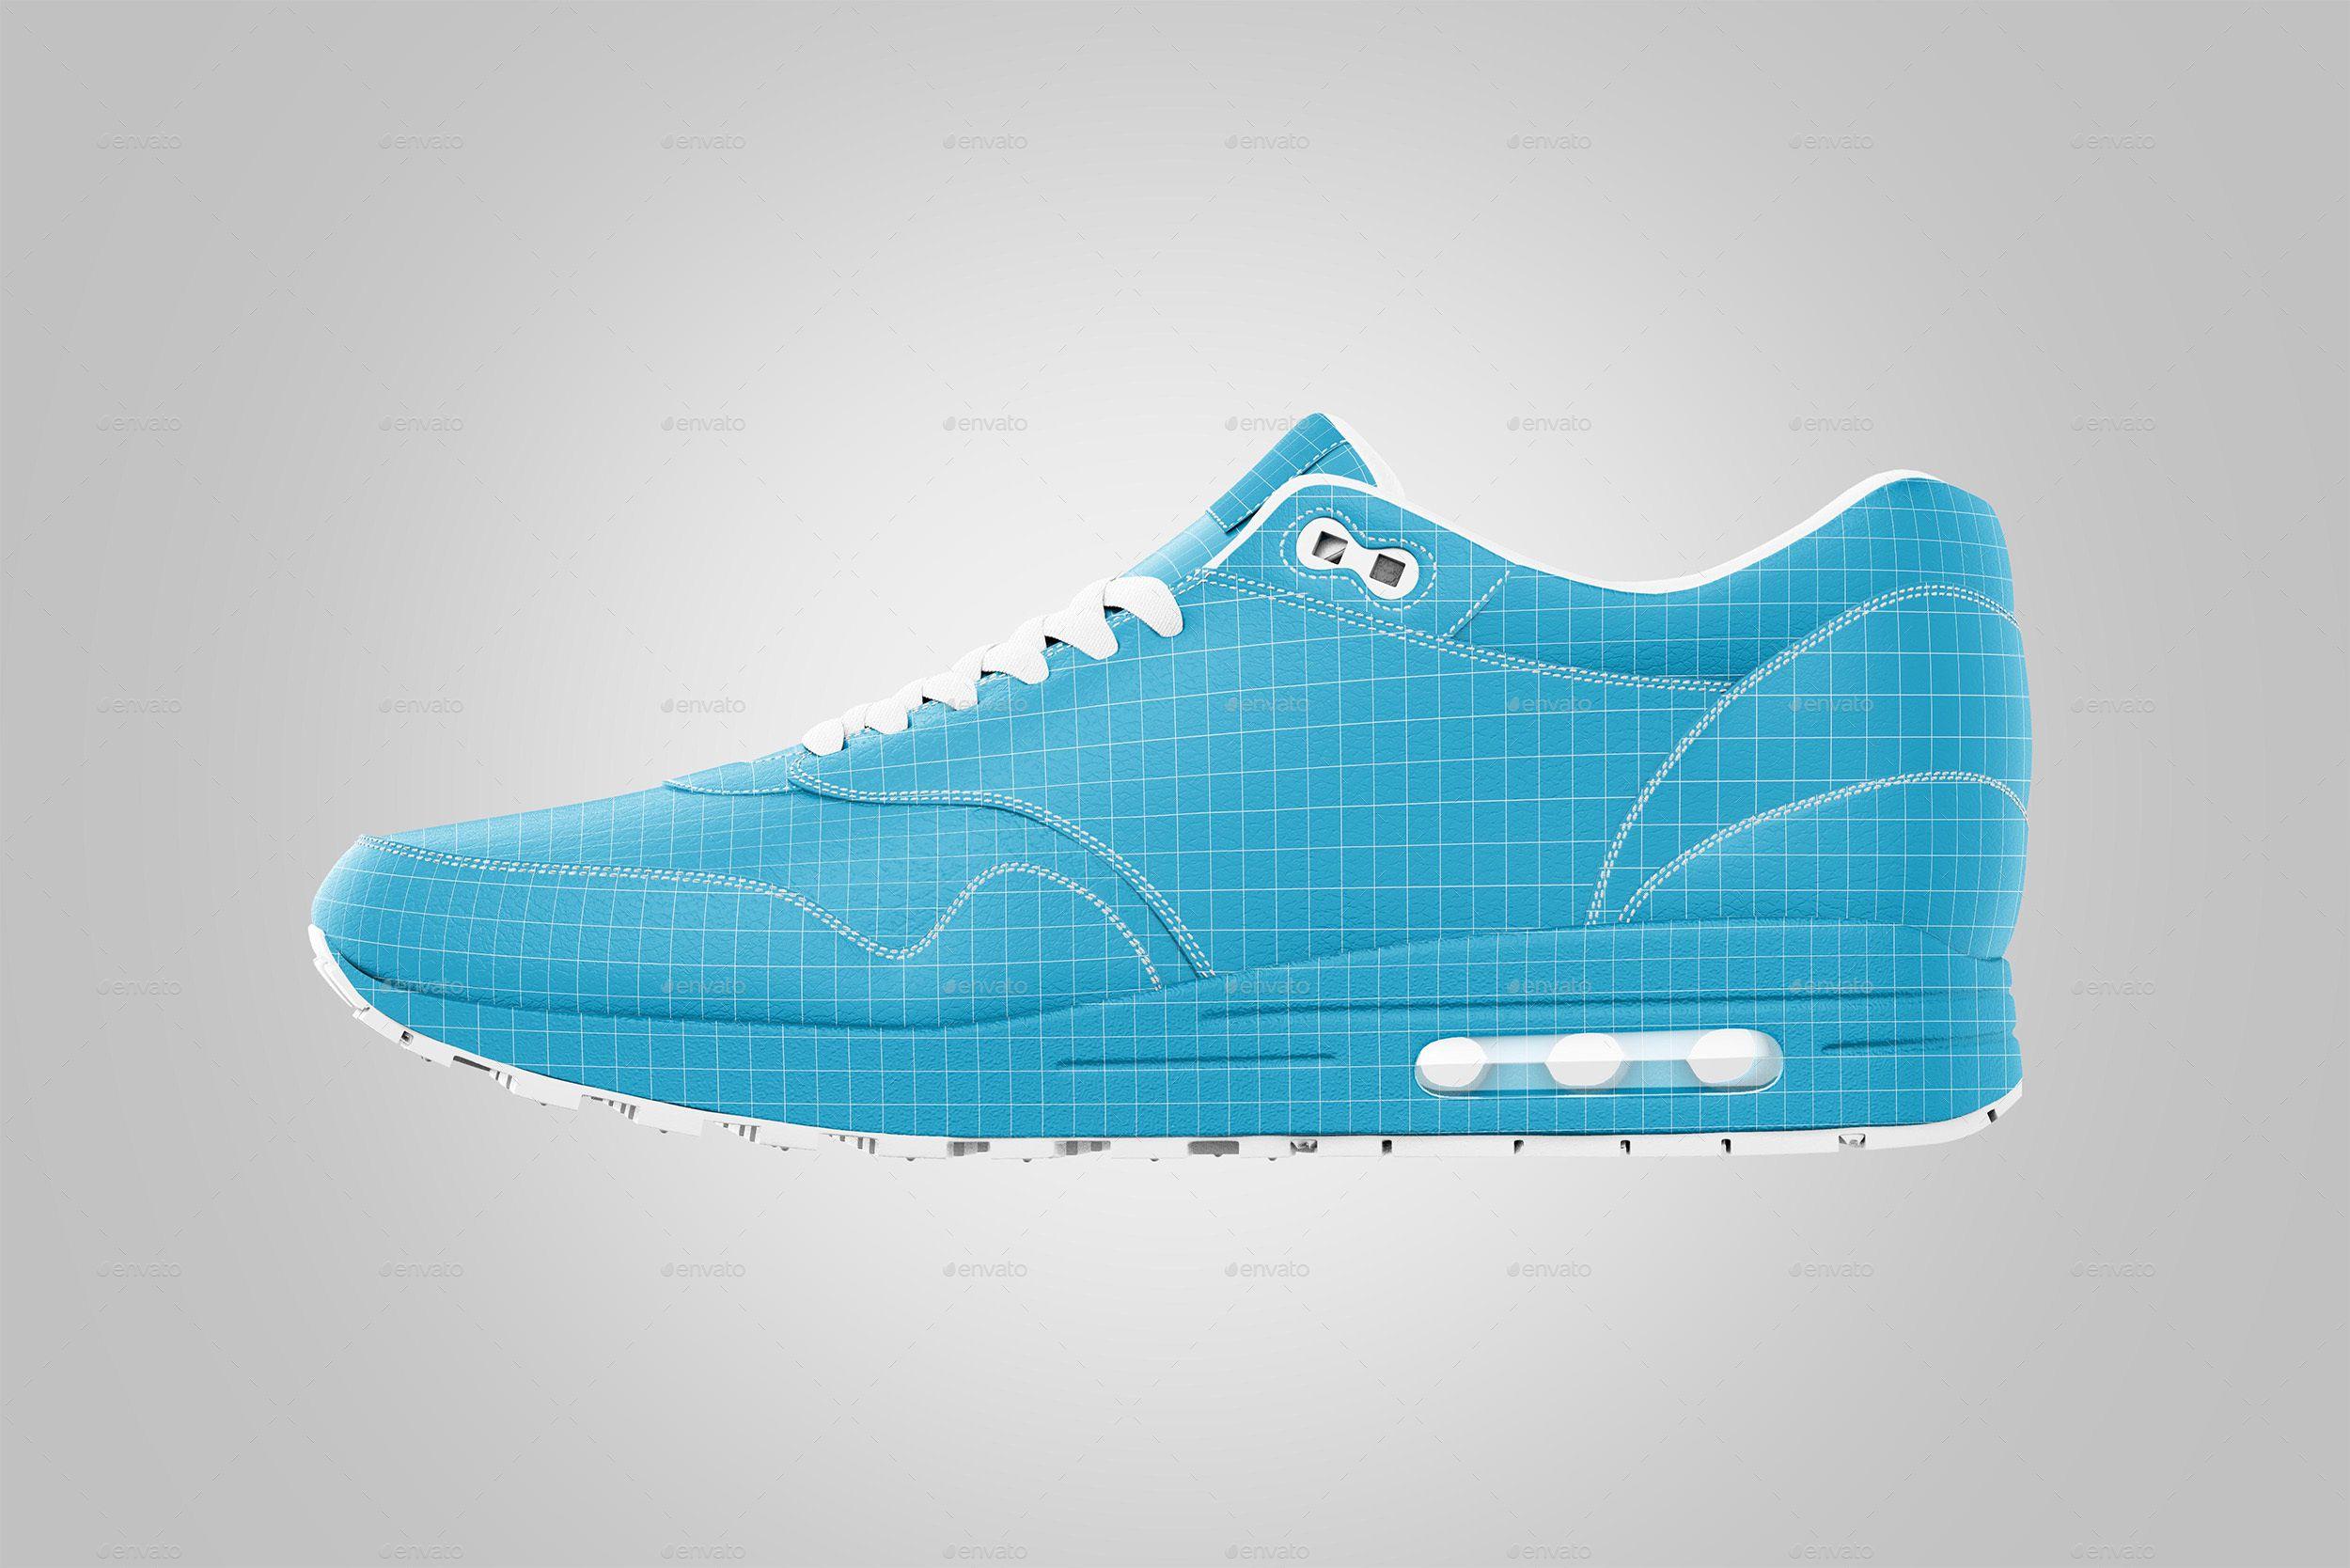 Download Air Max Sneaker Mockup Air Max Sneakers Air Max Sneakers